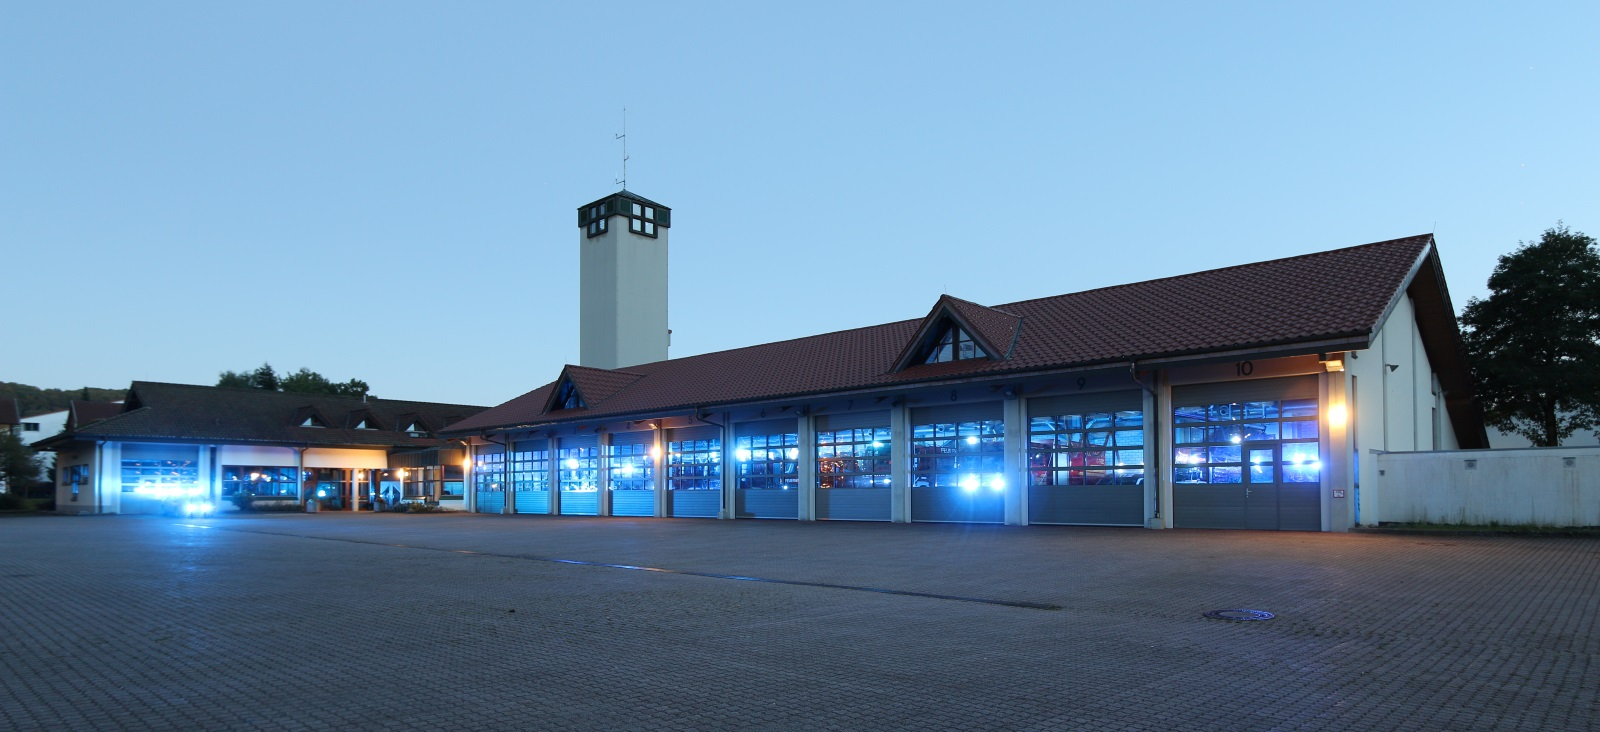 Das Feuerwehrgerätehaus in Schopfheim